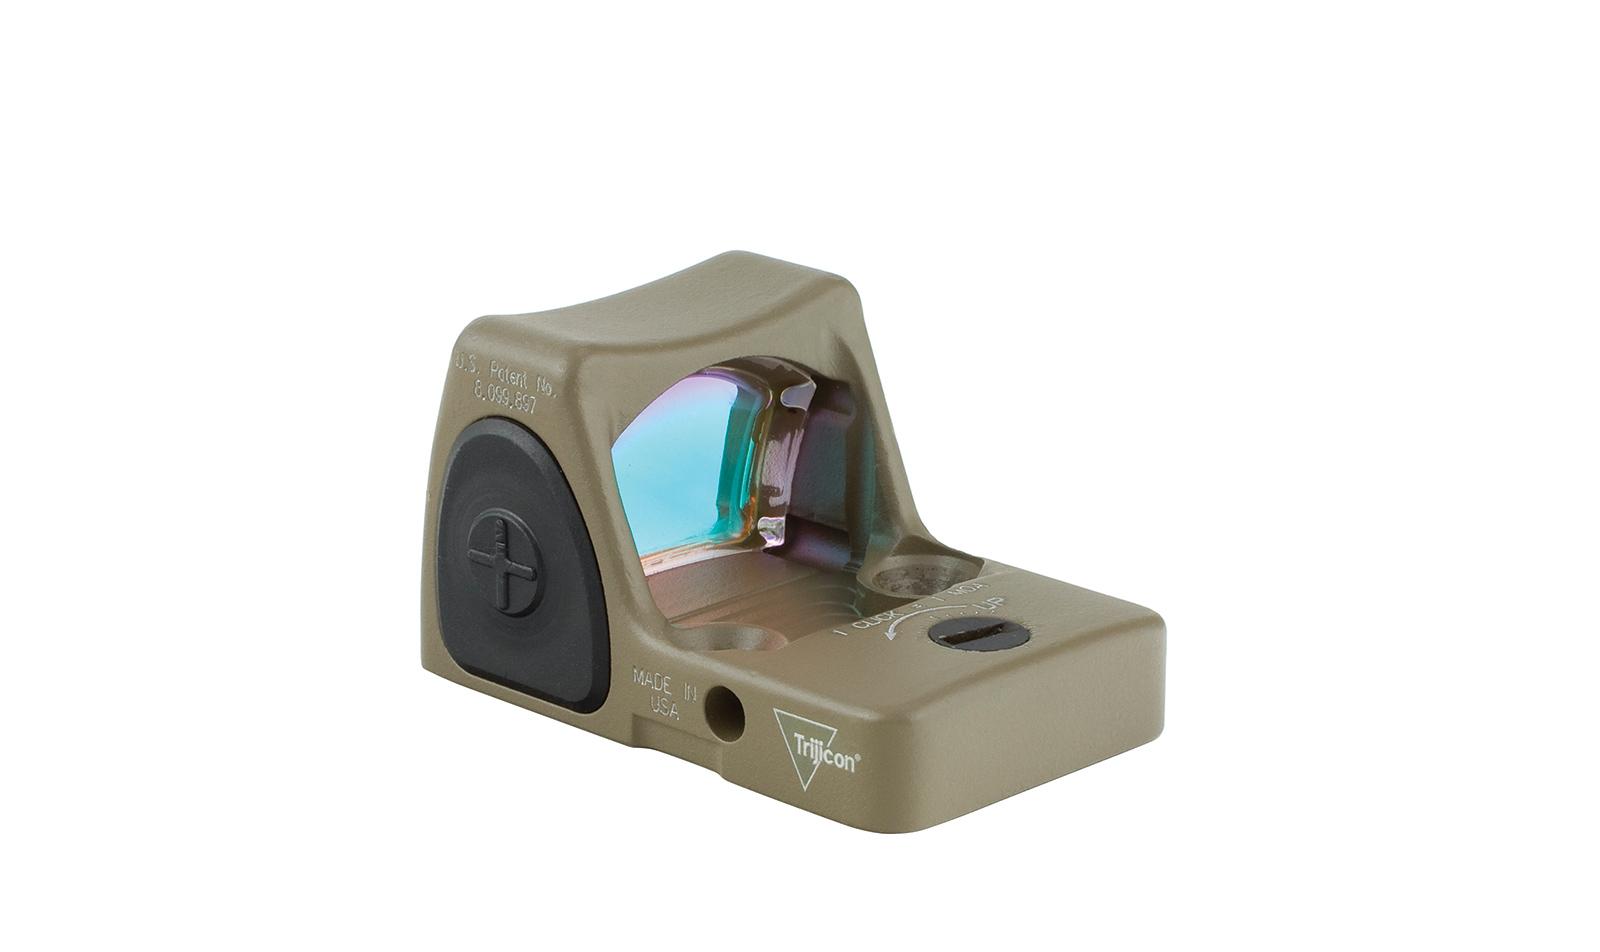 RM09-C-700745 angle 3